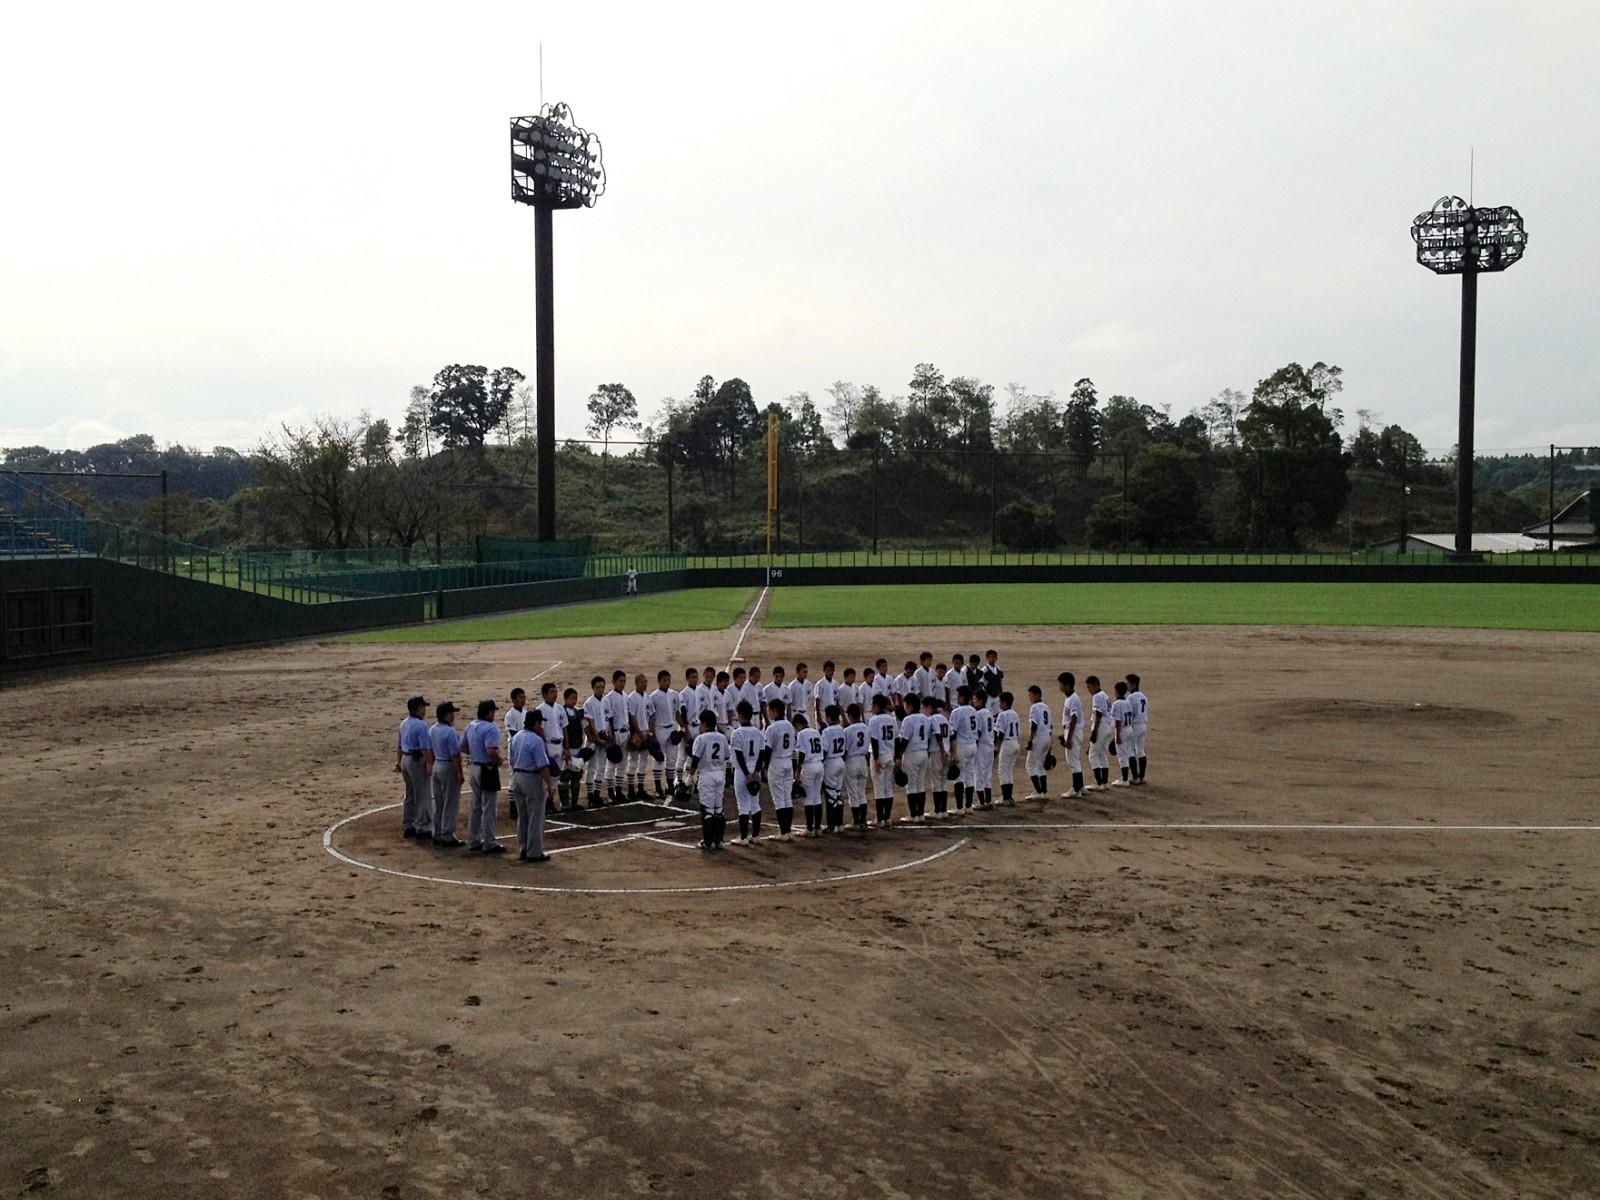 2012.09.22 東関東支部秋季大会 水戸リトルシニア戦